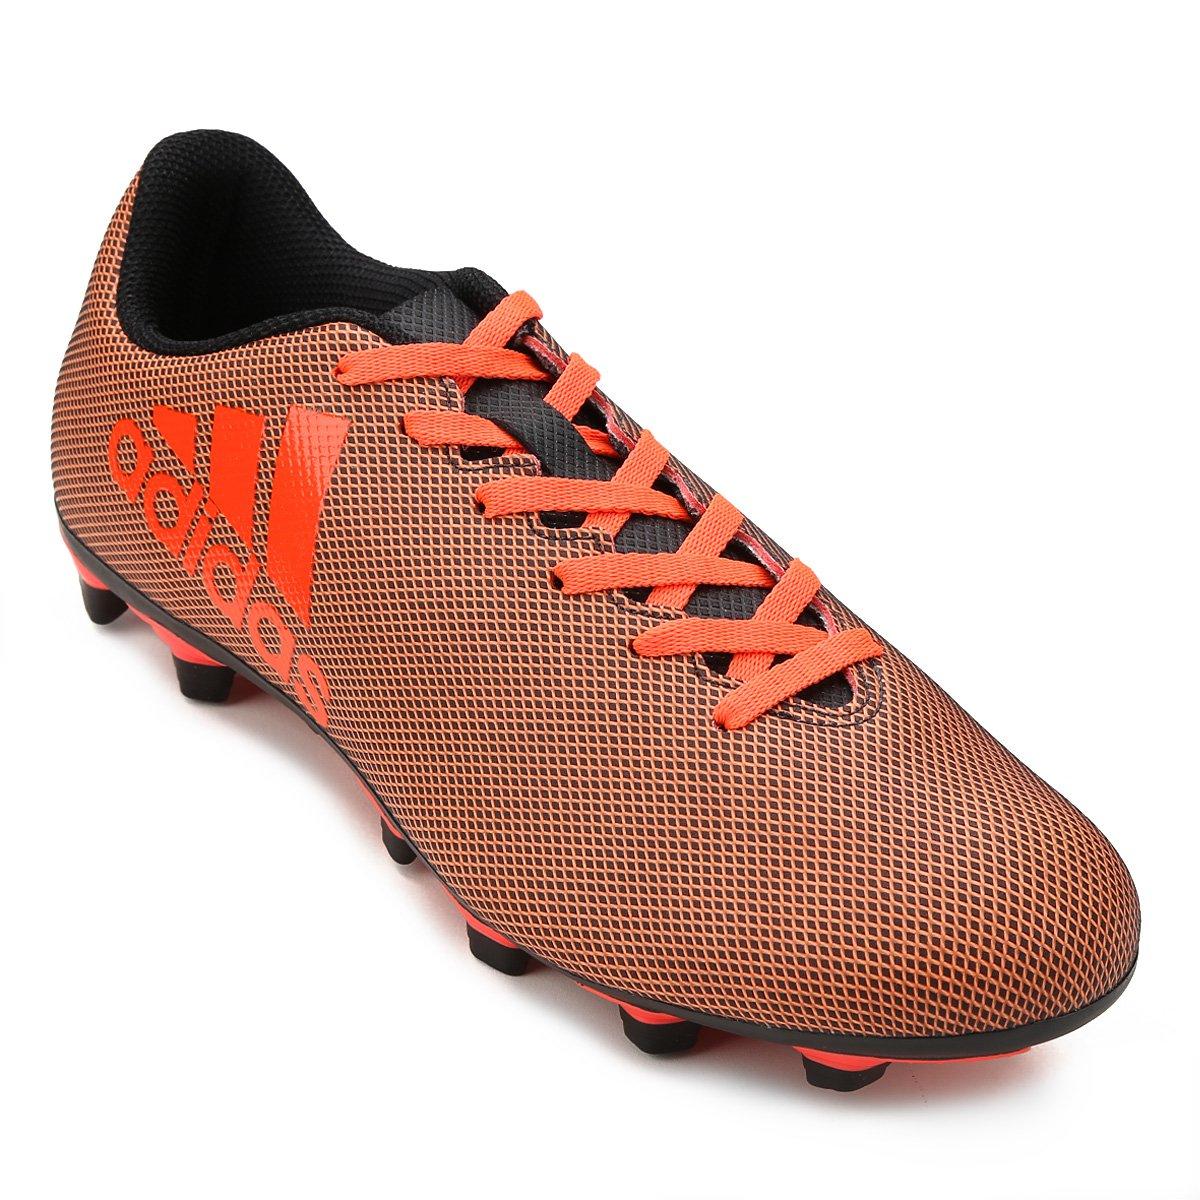 ed1d069bb4 Chuteira Campo Adidas X 17.4 FXG - Compre Agora